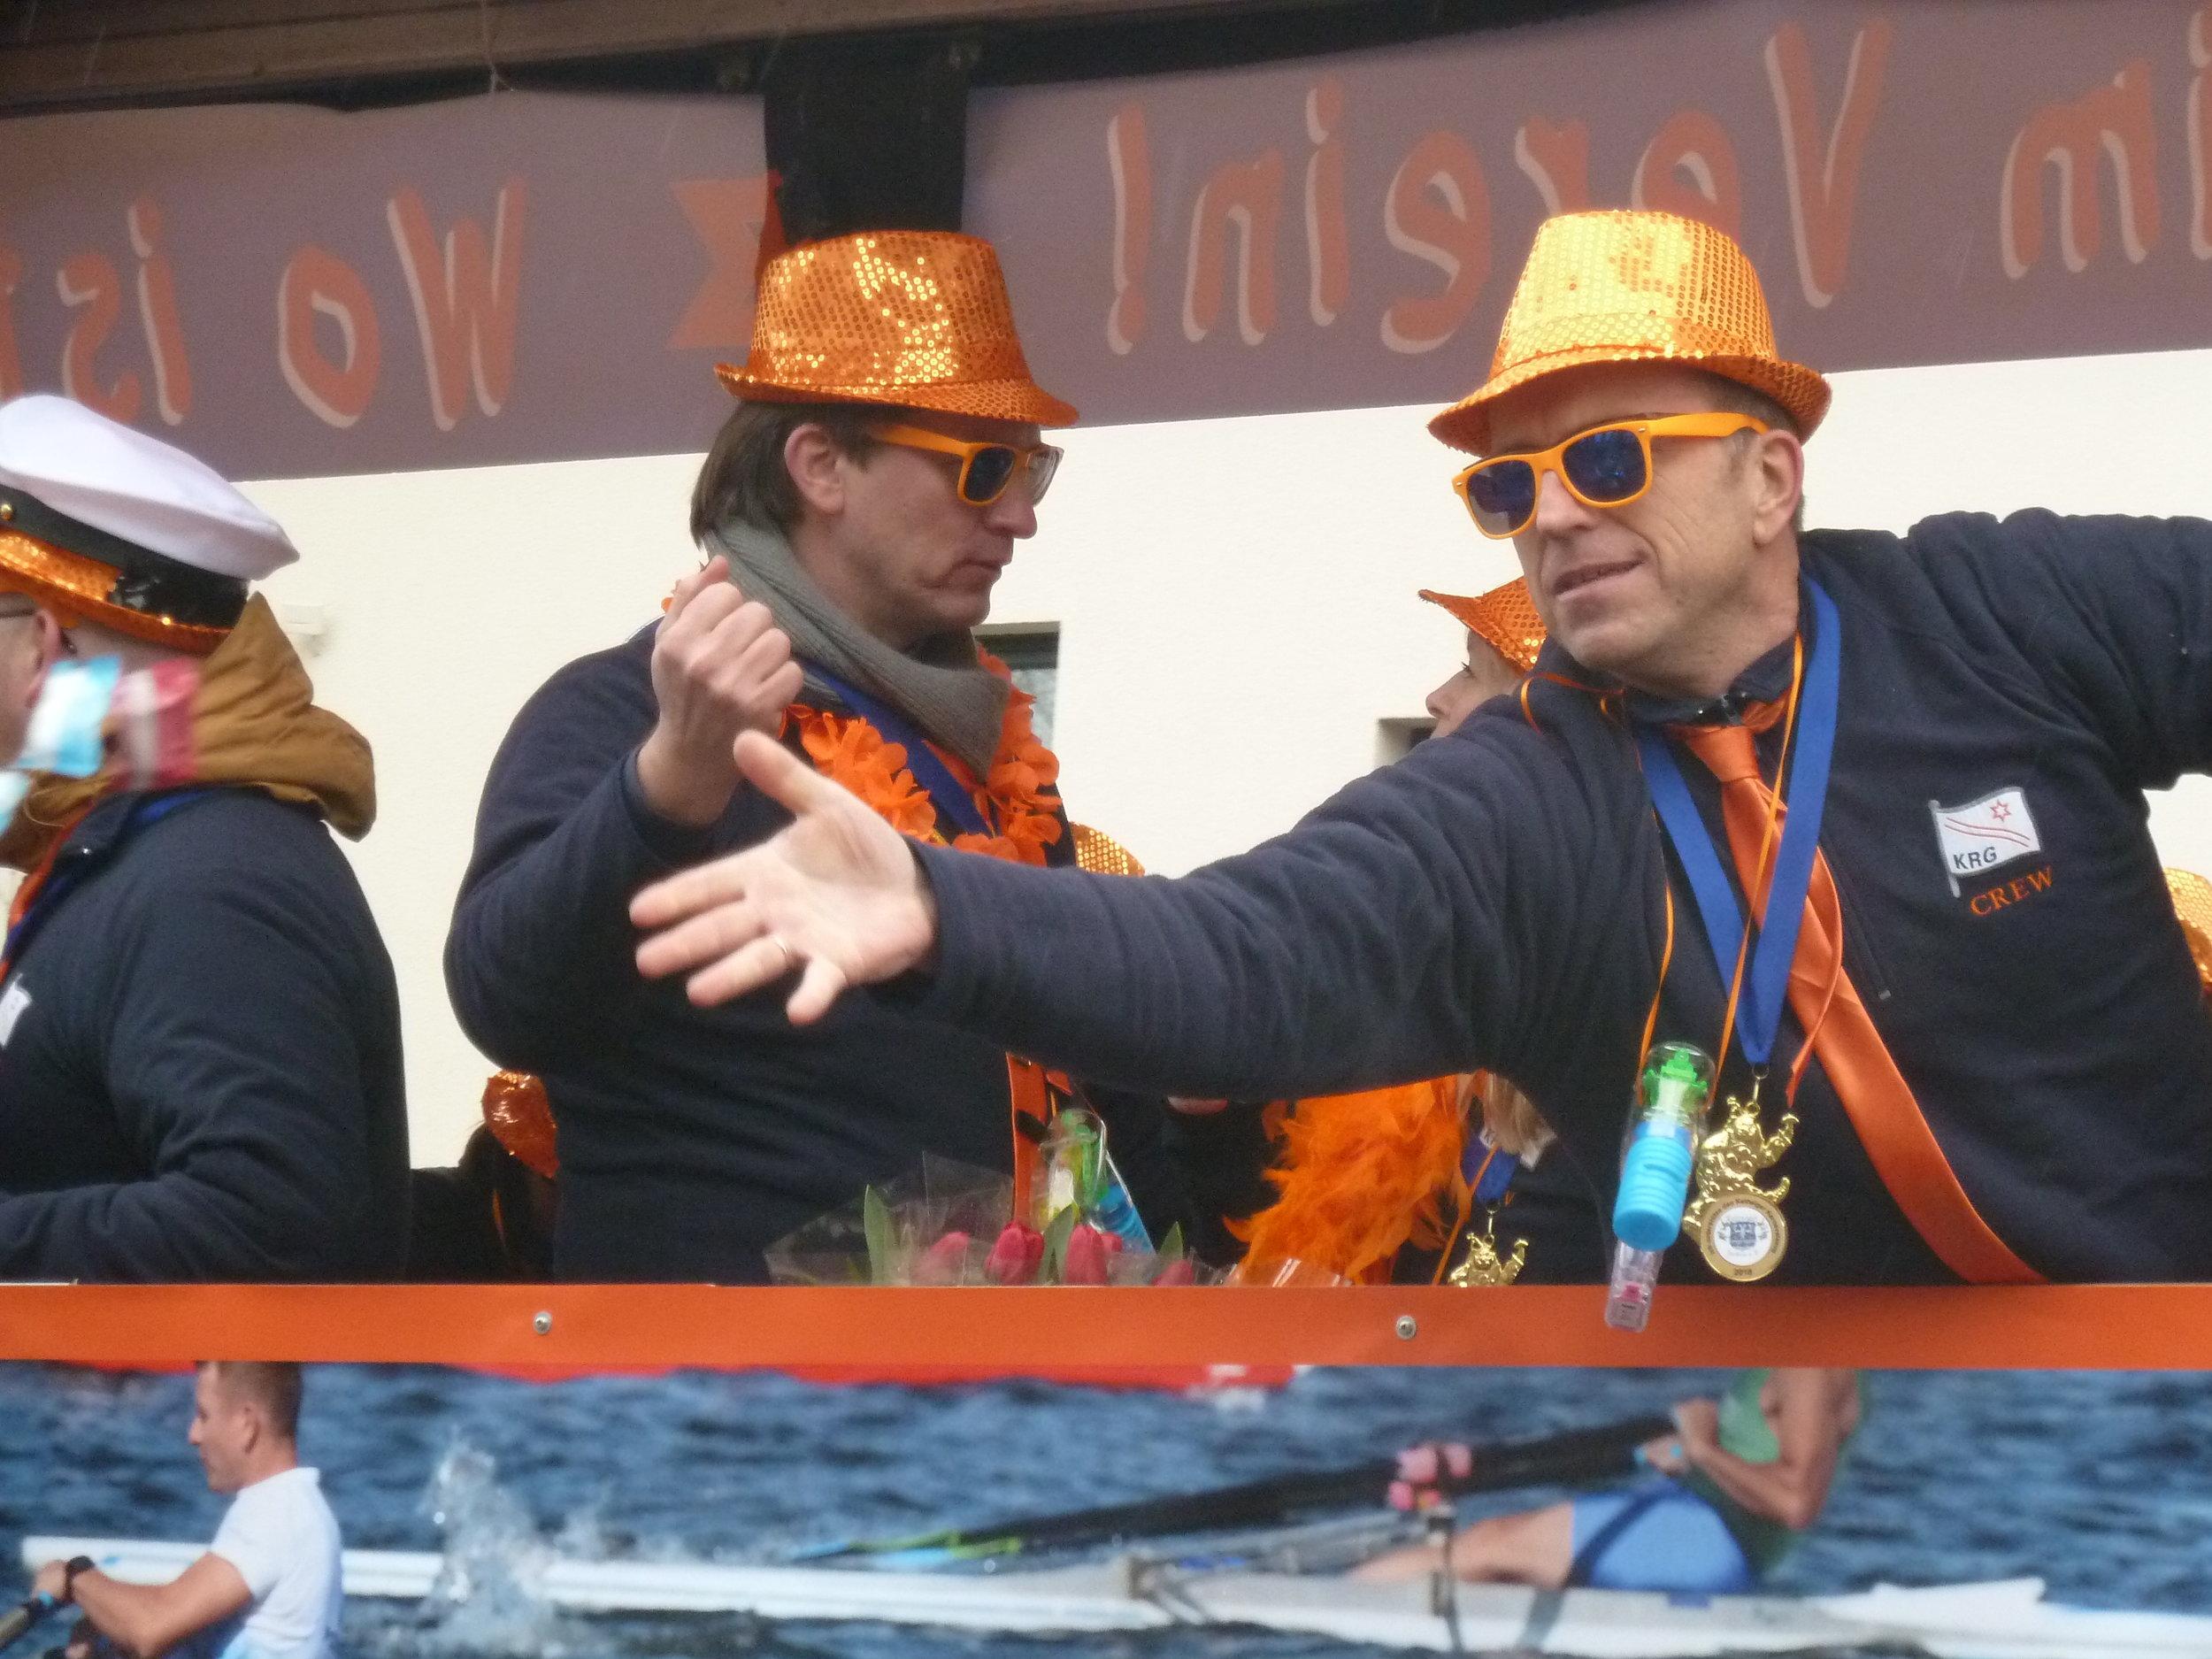 karnevalsumzug (75).jpg